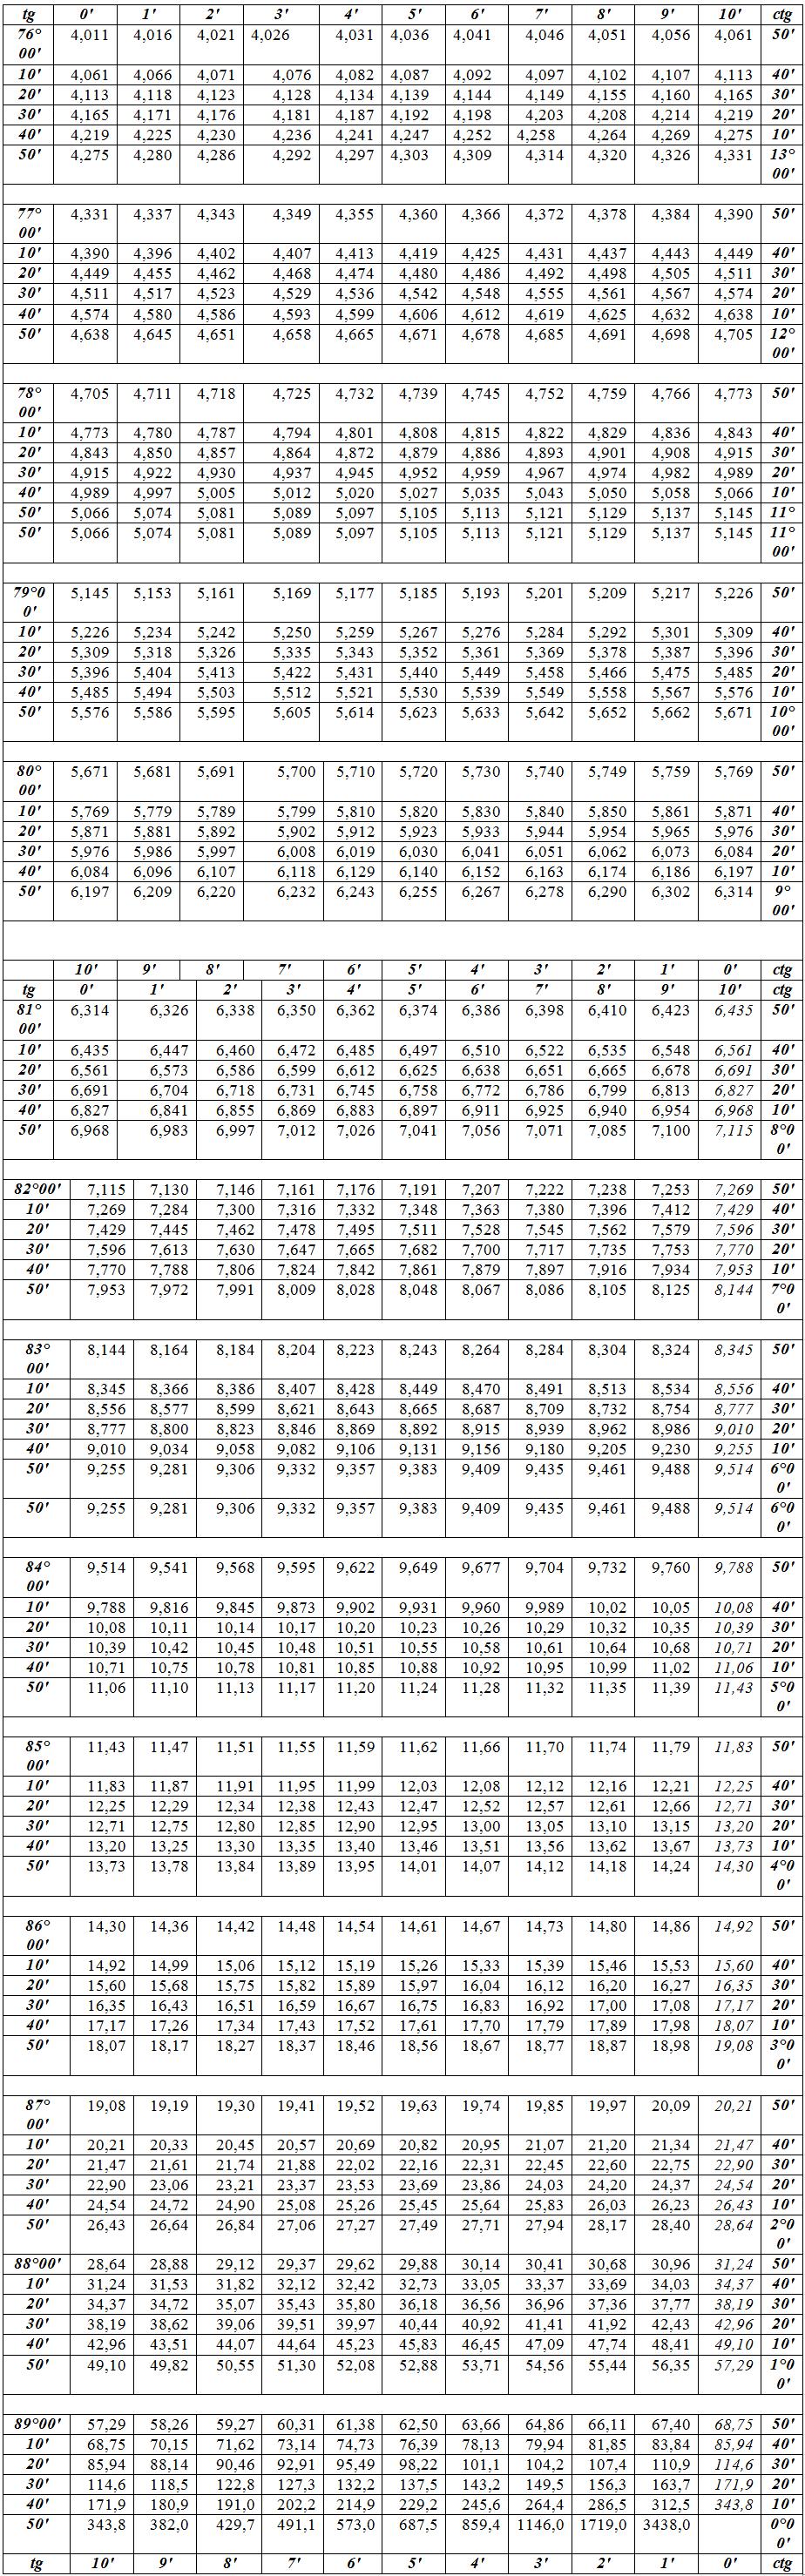 Таблица брадиса - длина окружности диаметра d так, в таблице кубов 13 = 1, 23 = 8, 33 - 27, 43 = 64